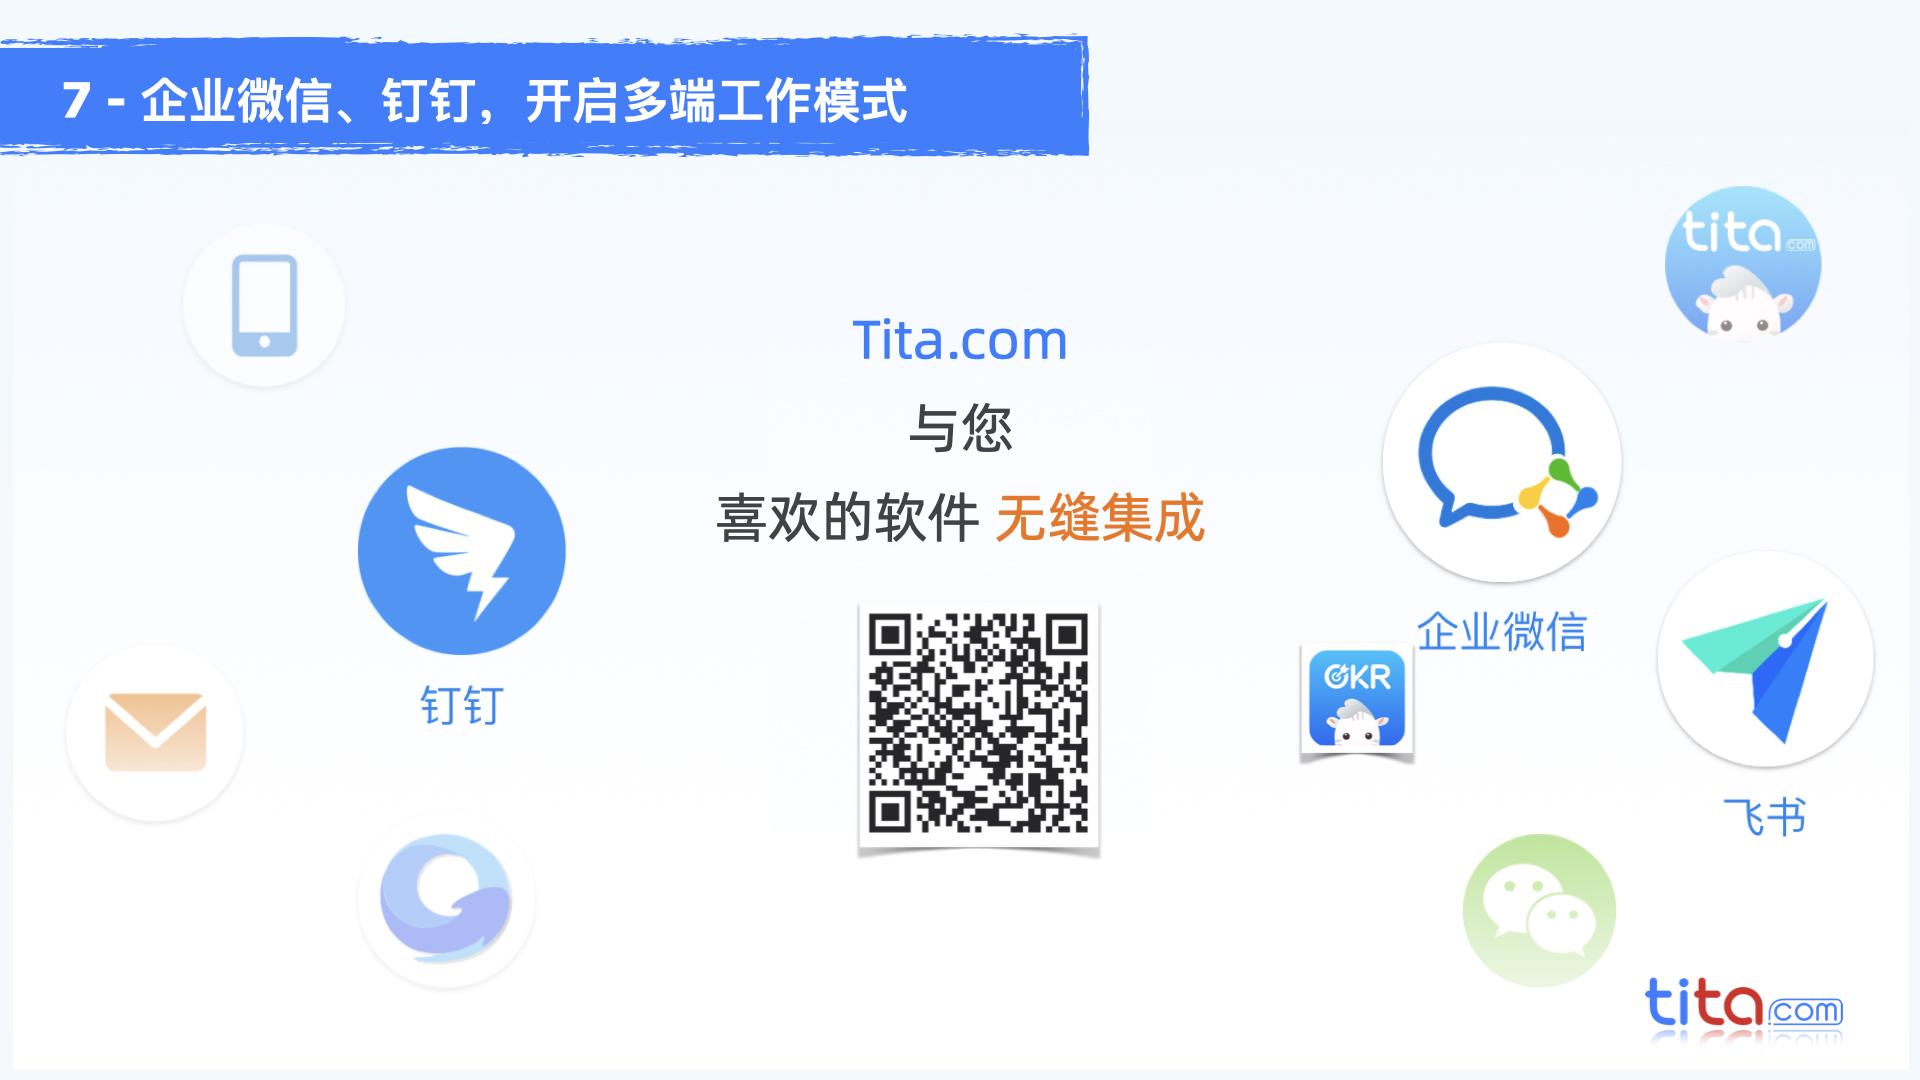 联系我们 | tita.com